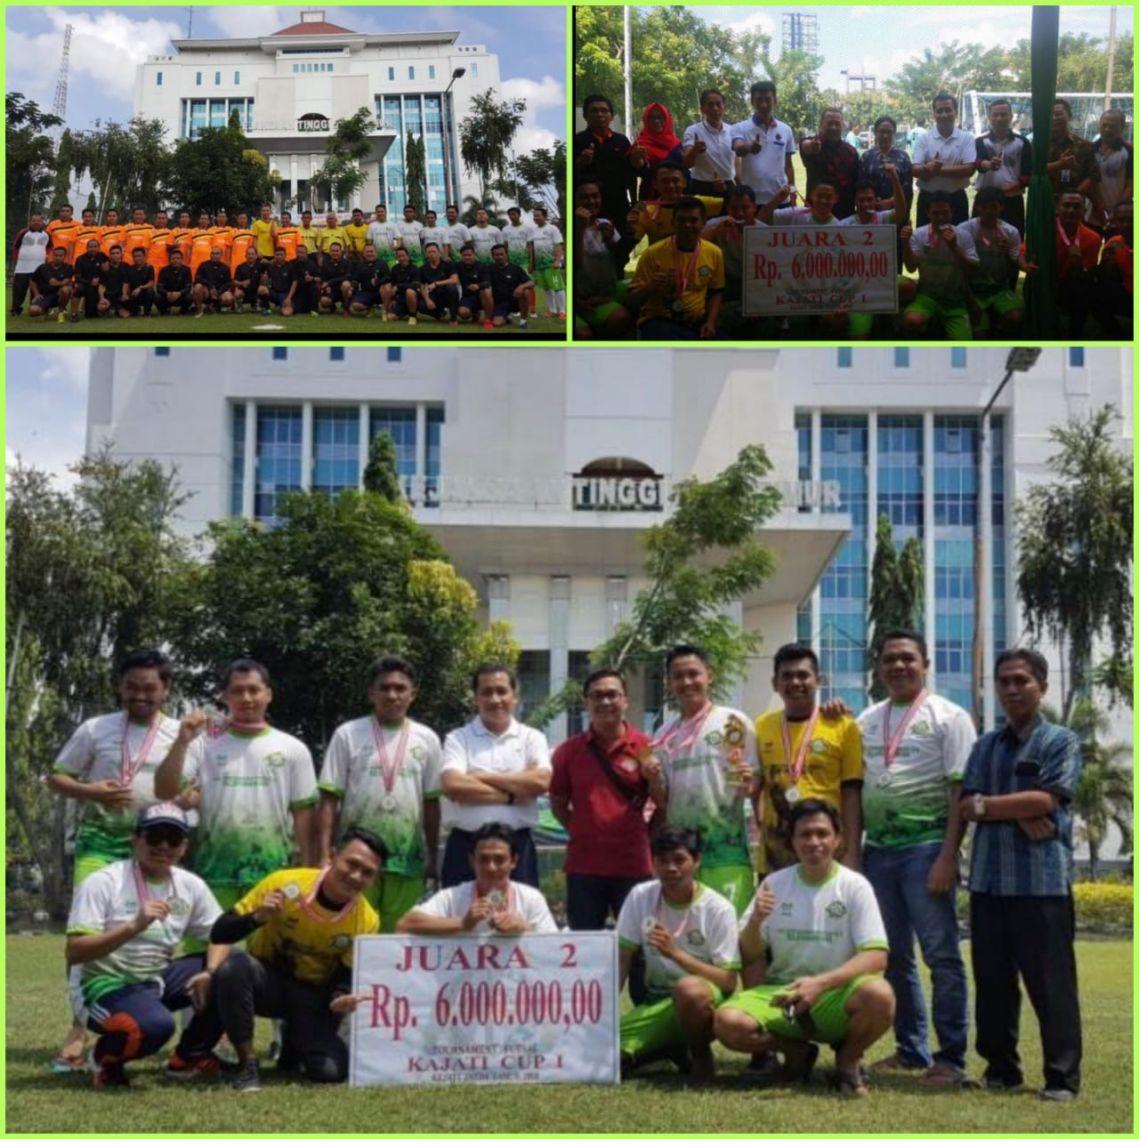 Kejari Surabaya Juara 2 Kajati Cup  2018